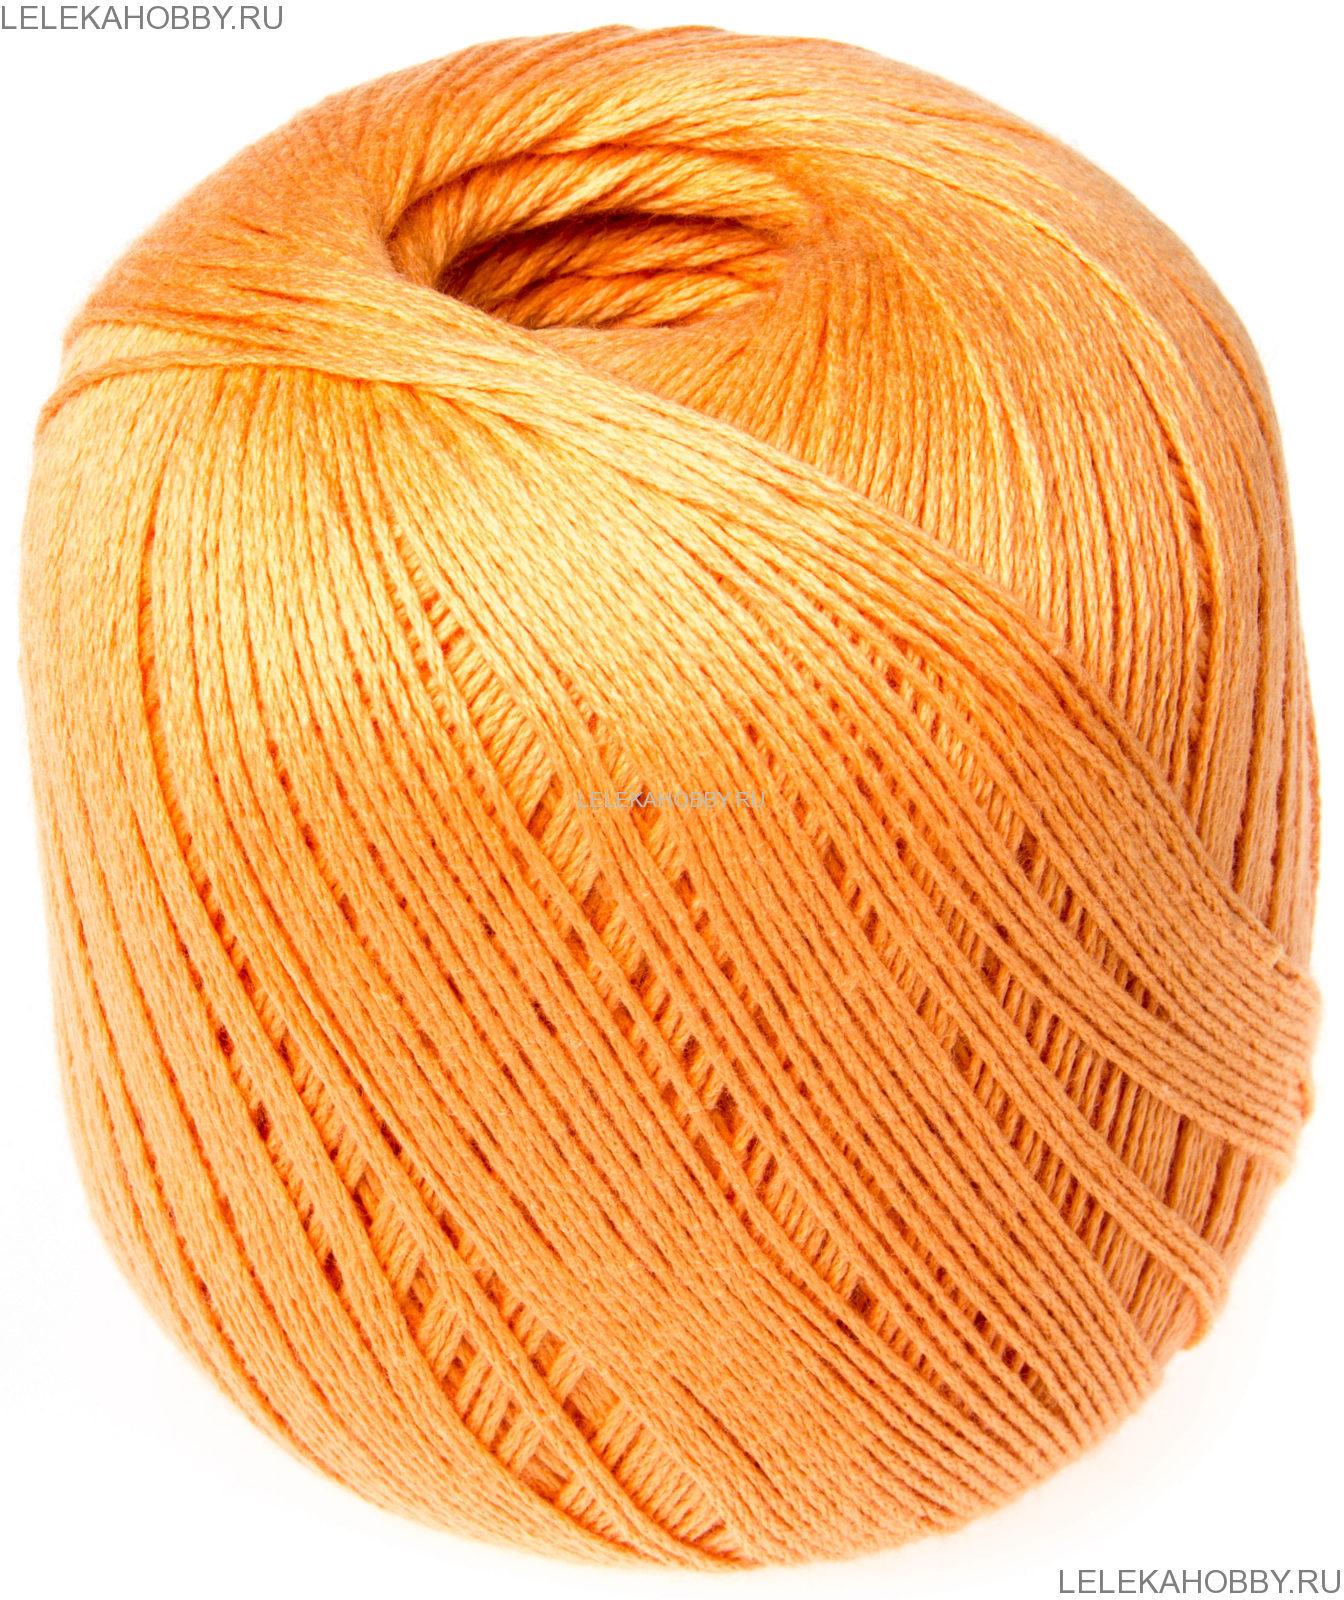 Метро семеновская нитки для вязания